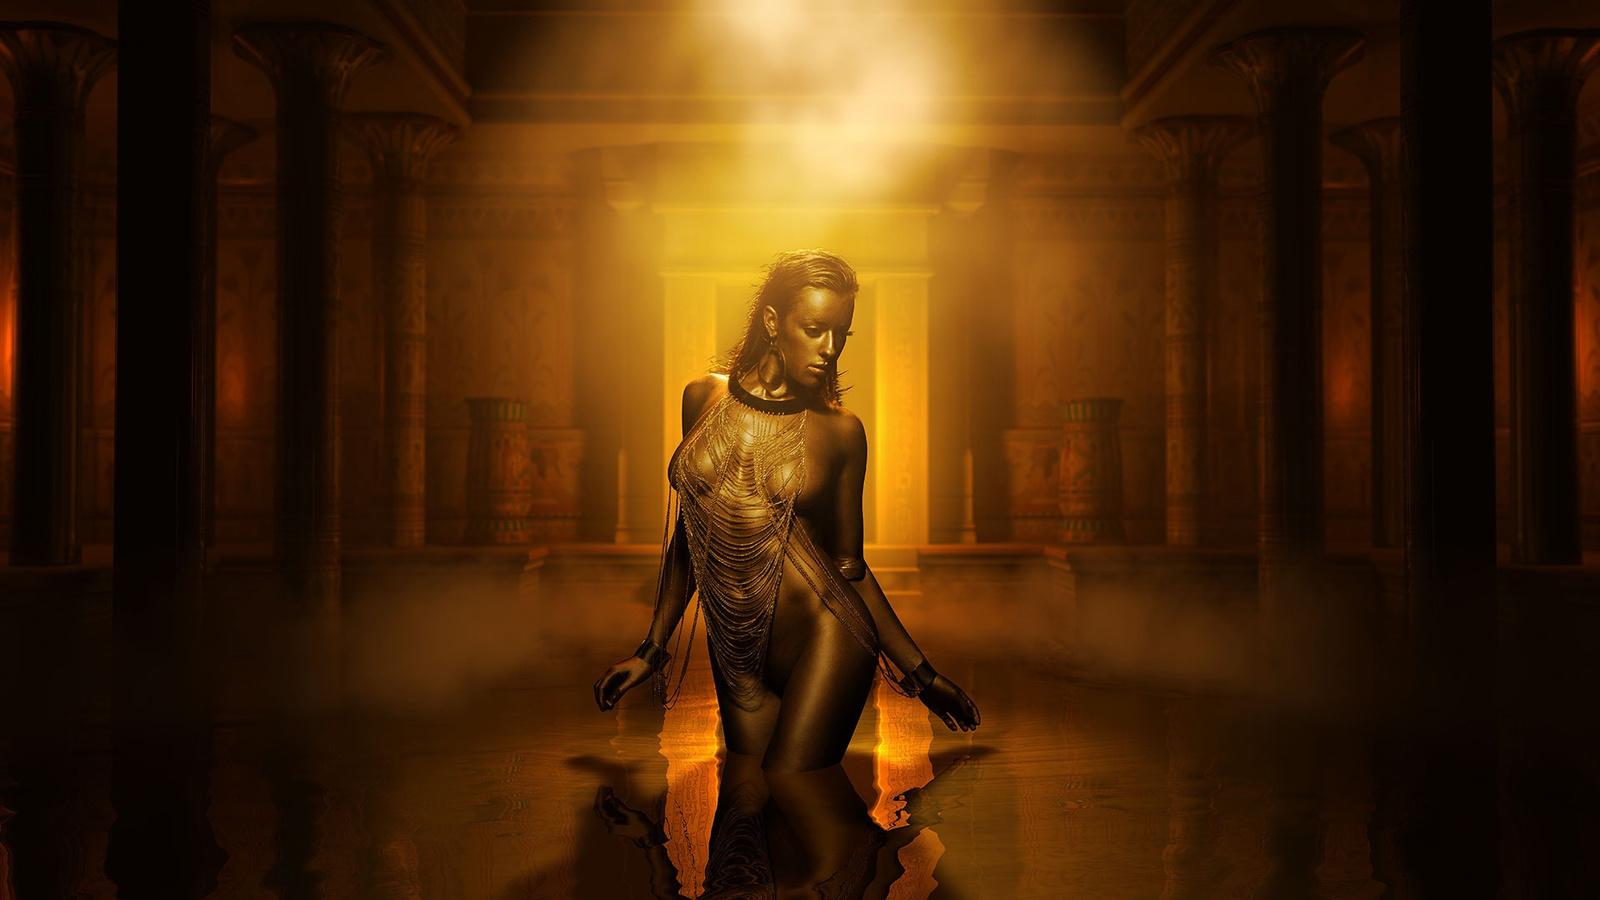 Фото голых девок в египте, Голая египтянка мечта фараона 27 фотография